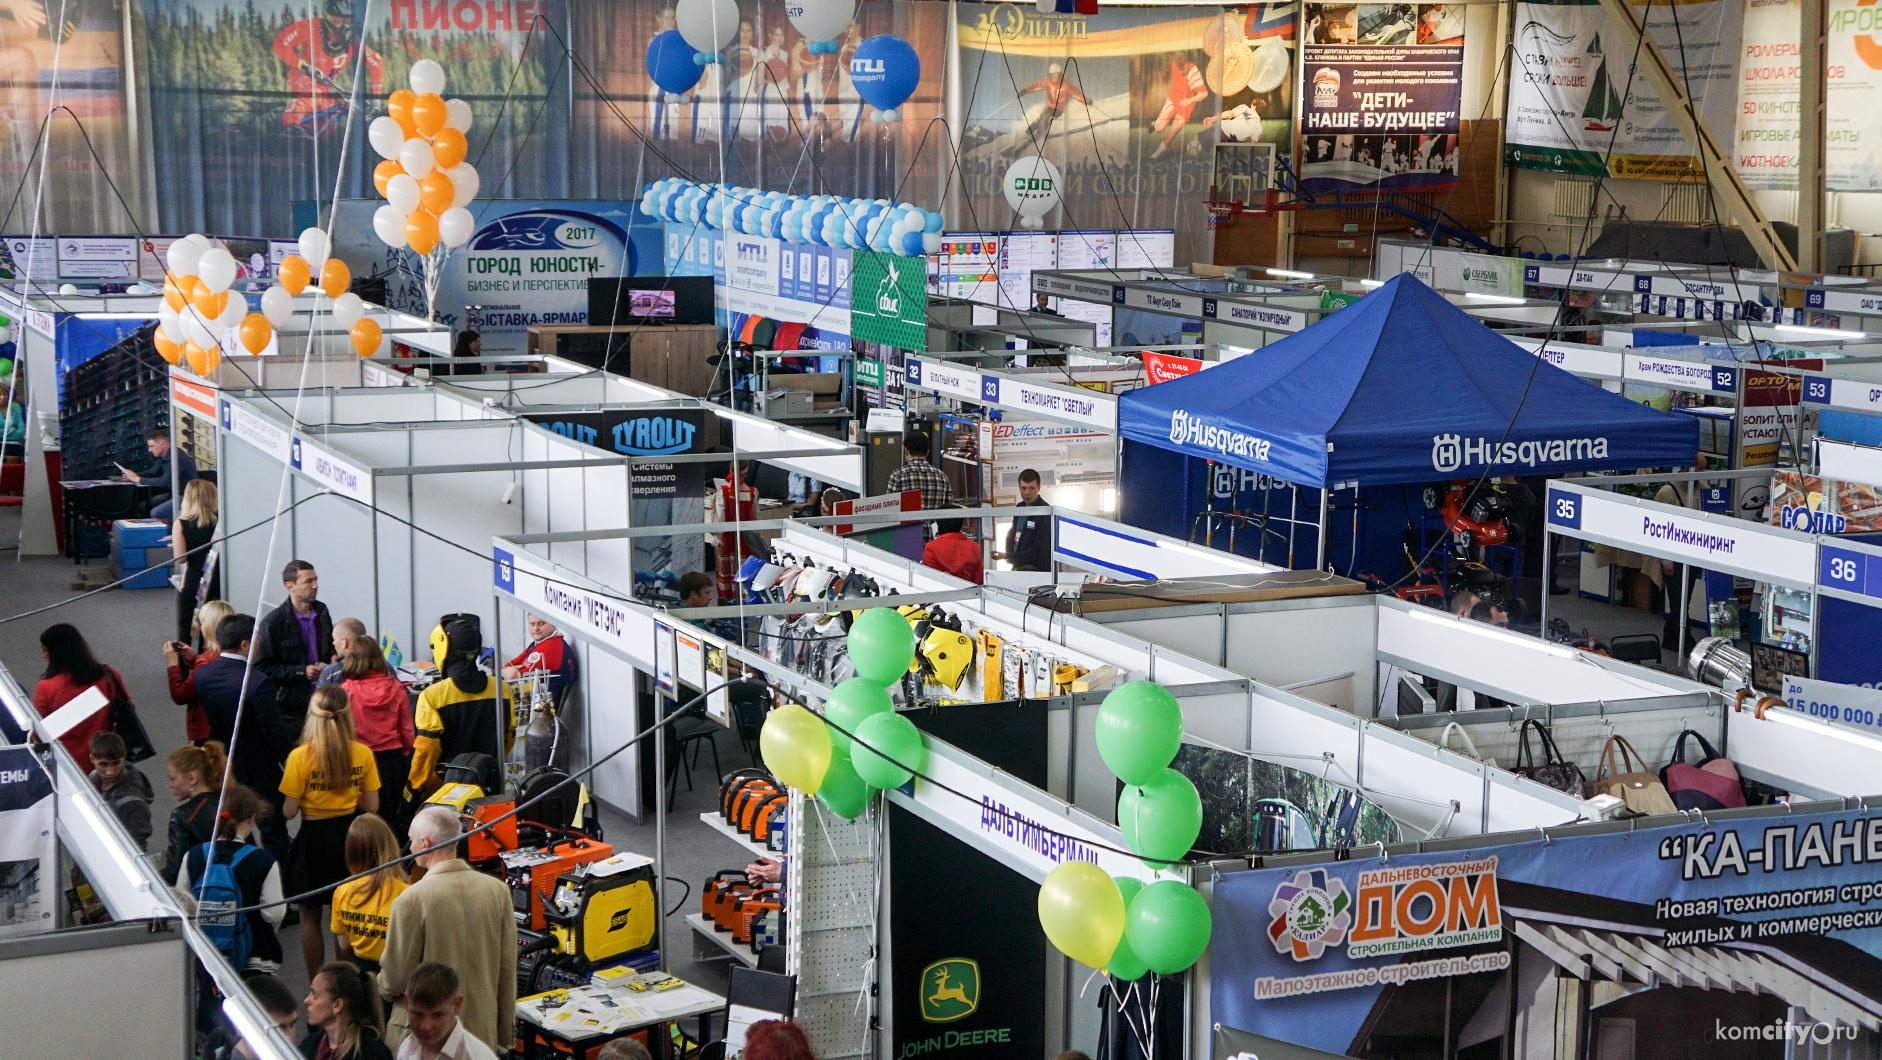 III межрегиональная выставка-ярмарка «Город Юности - бизнес и перспективы»